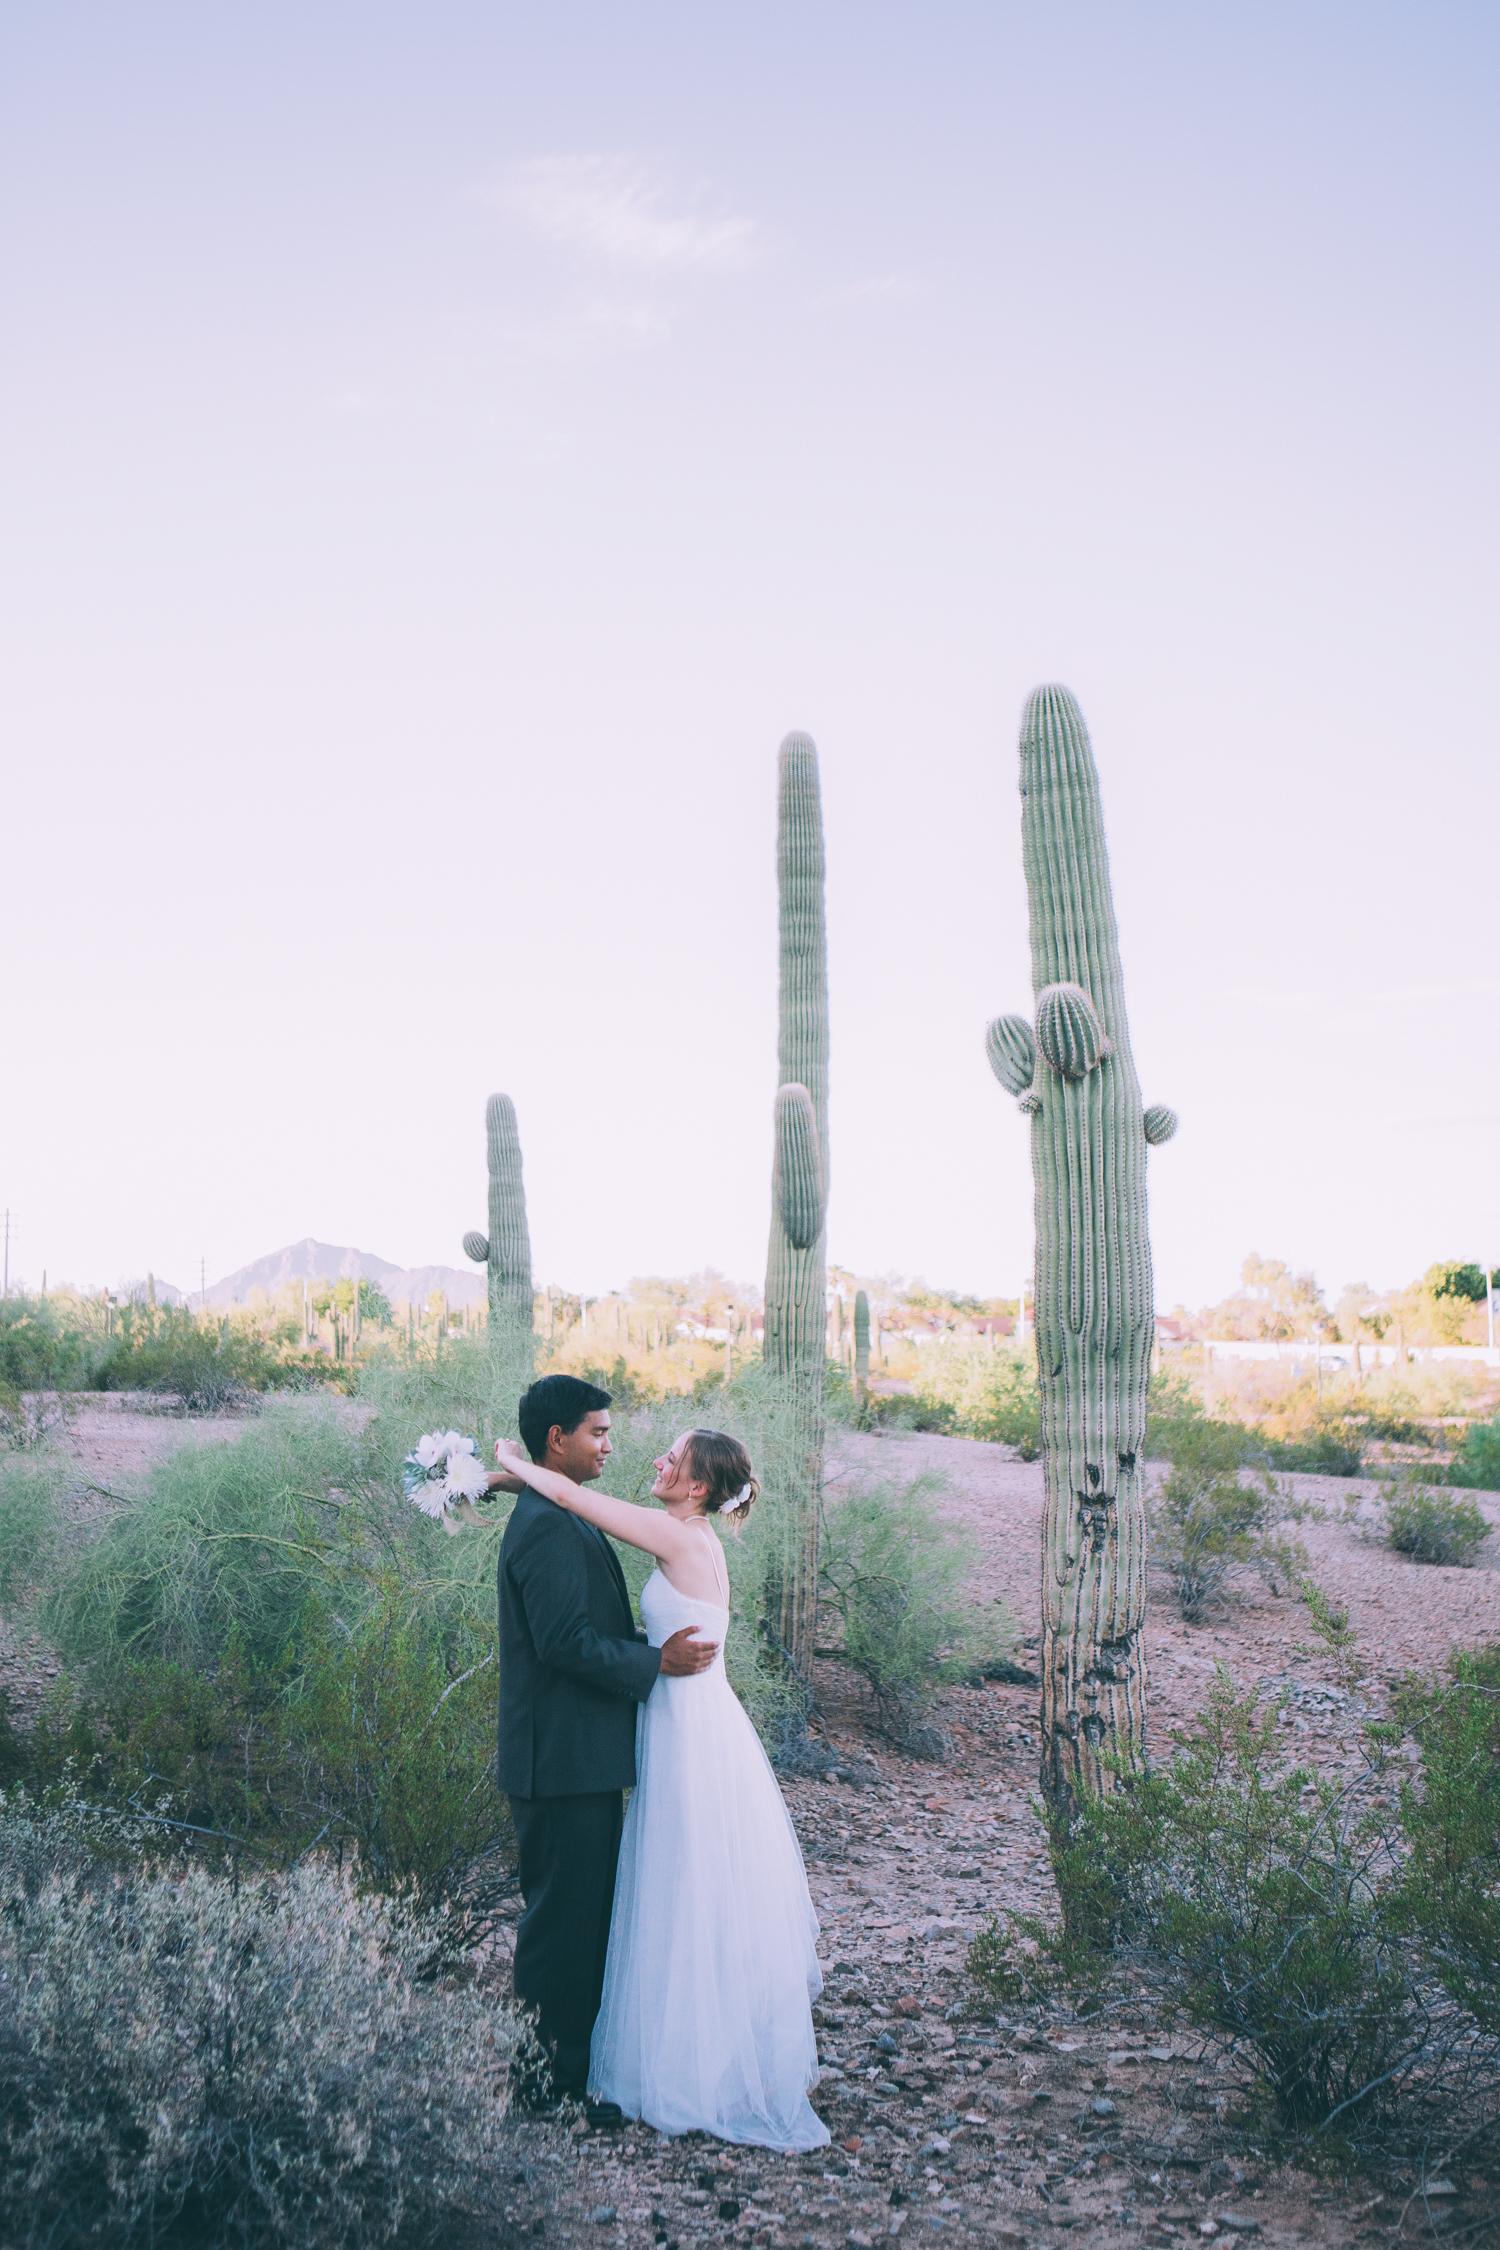 2015_09_19_CarlieandAlissas_Wedding_351.jpg